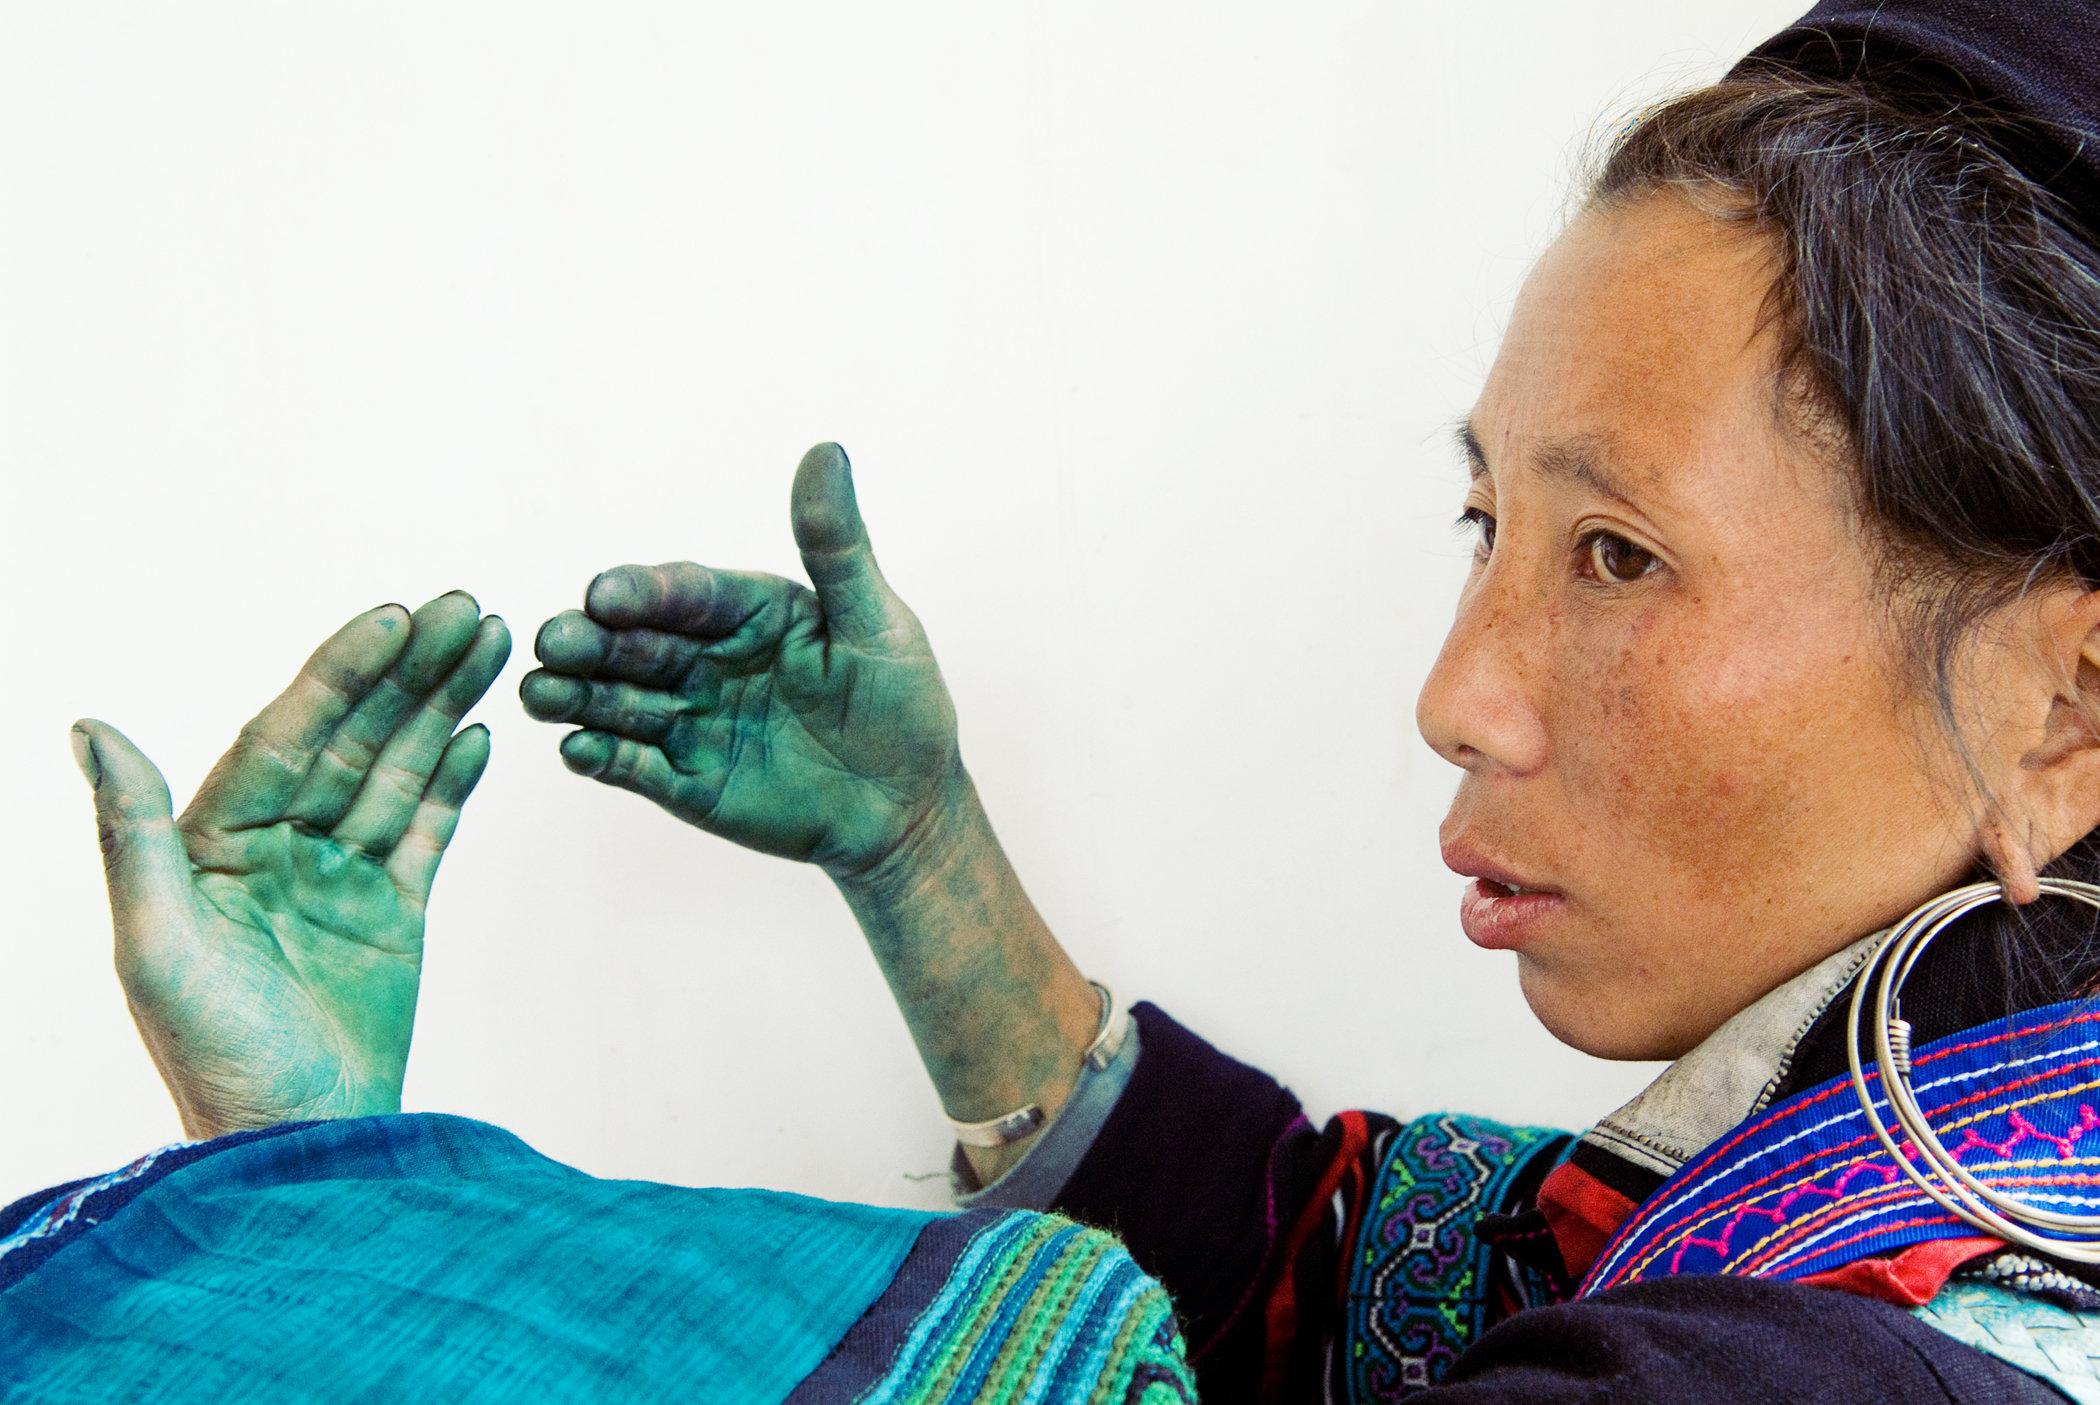 Dyer's Hands